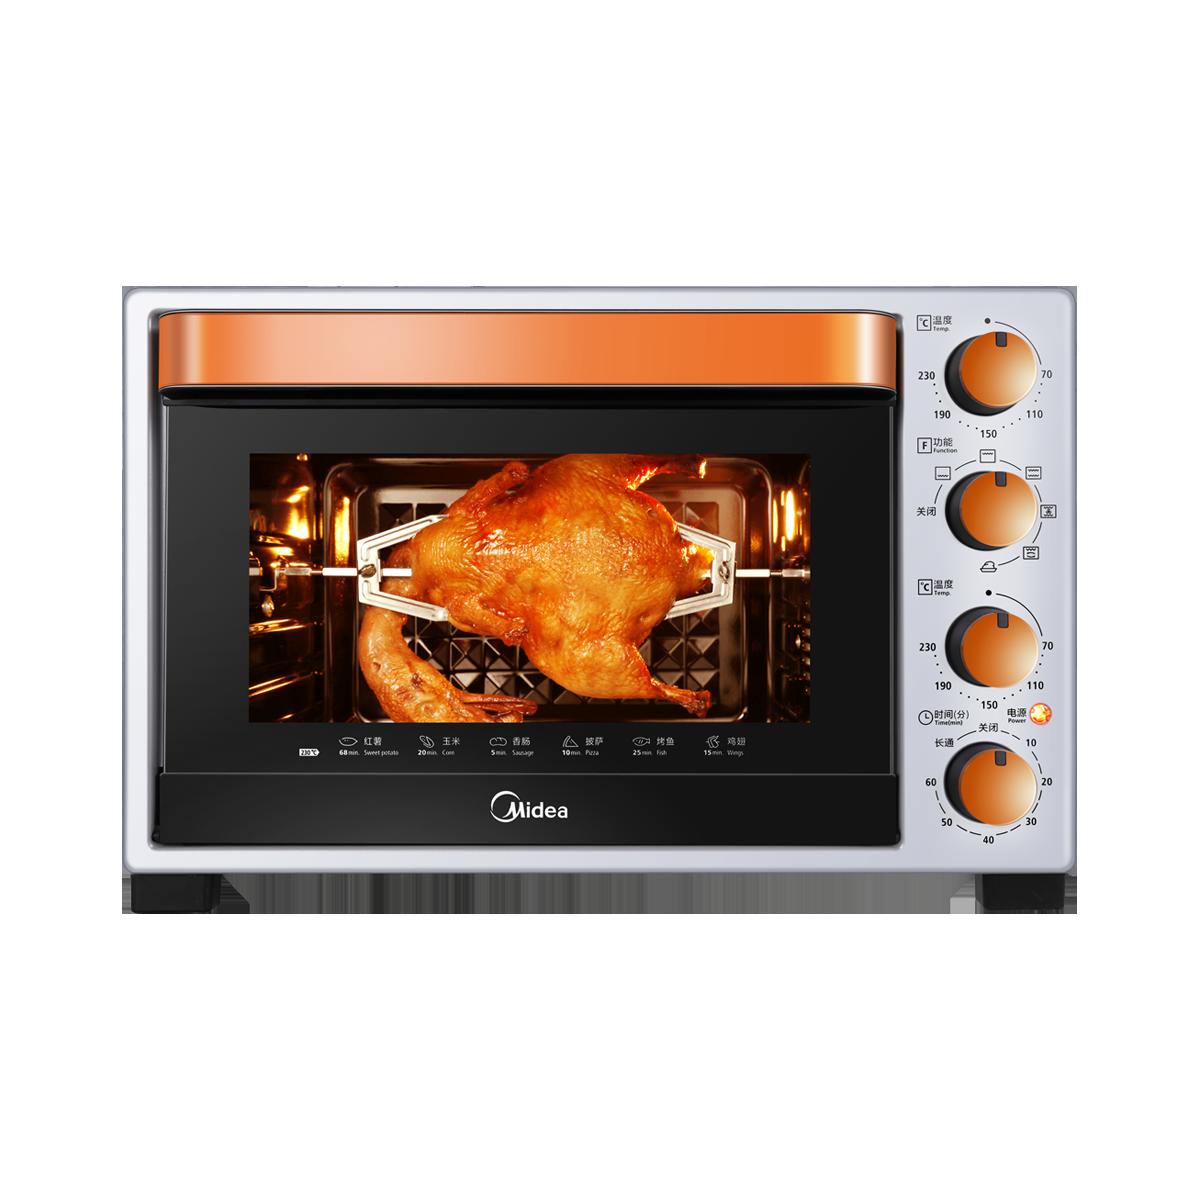 Midea/美的 T3-L324D二代电烤箱 说明书.pdf